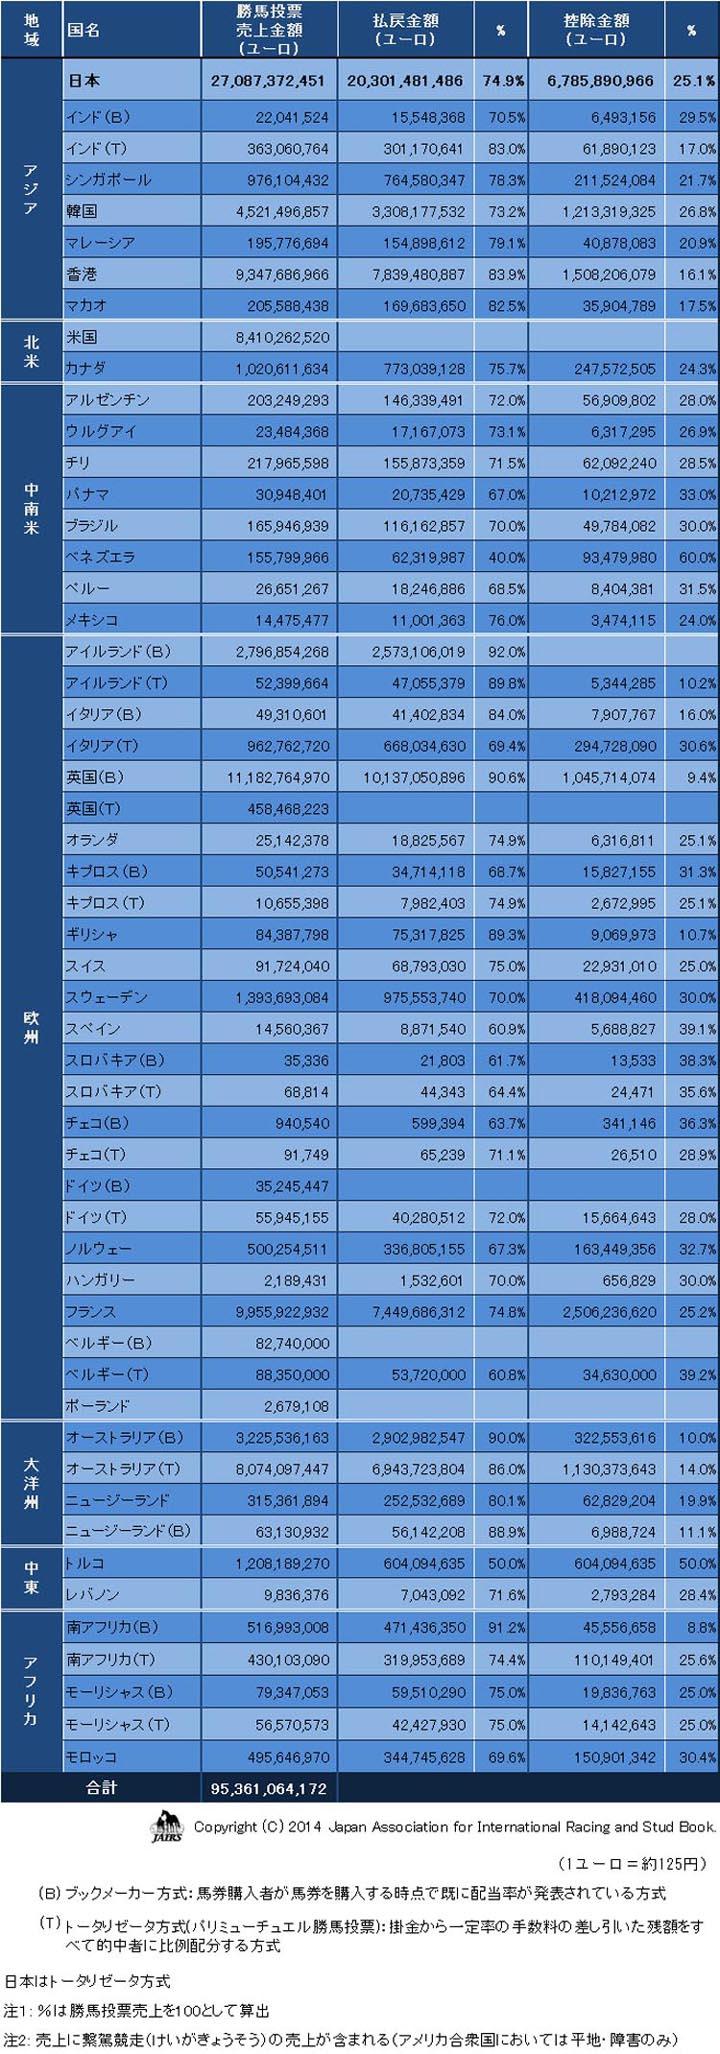 勝馬投票売上と控除率等2012年01